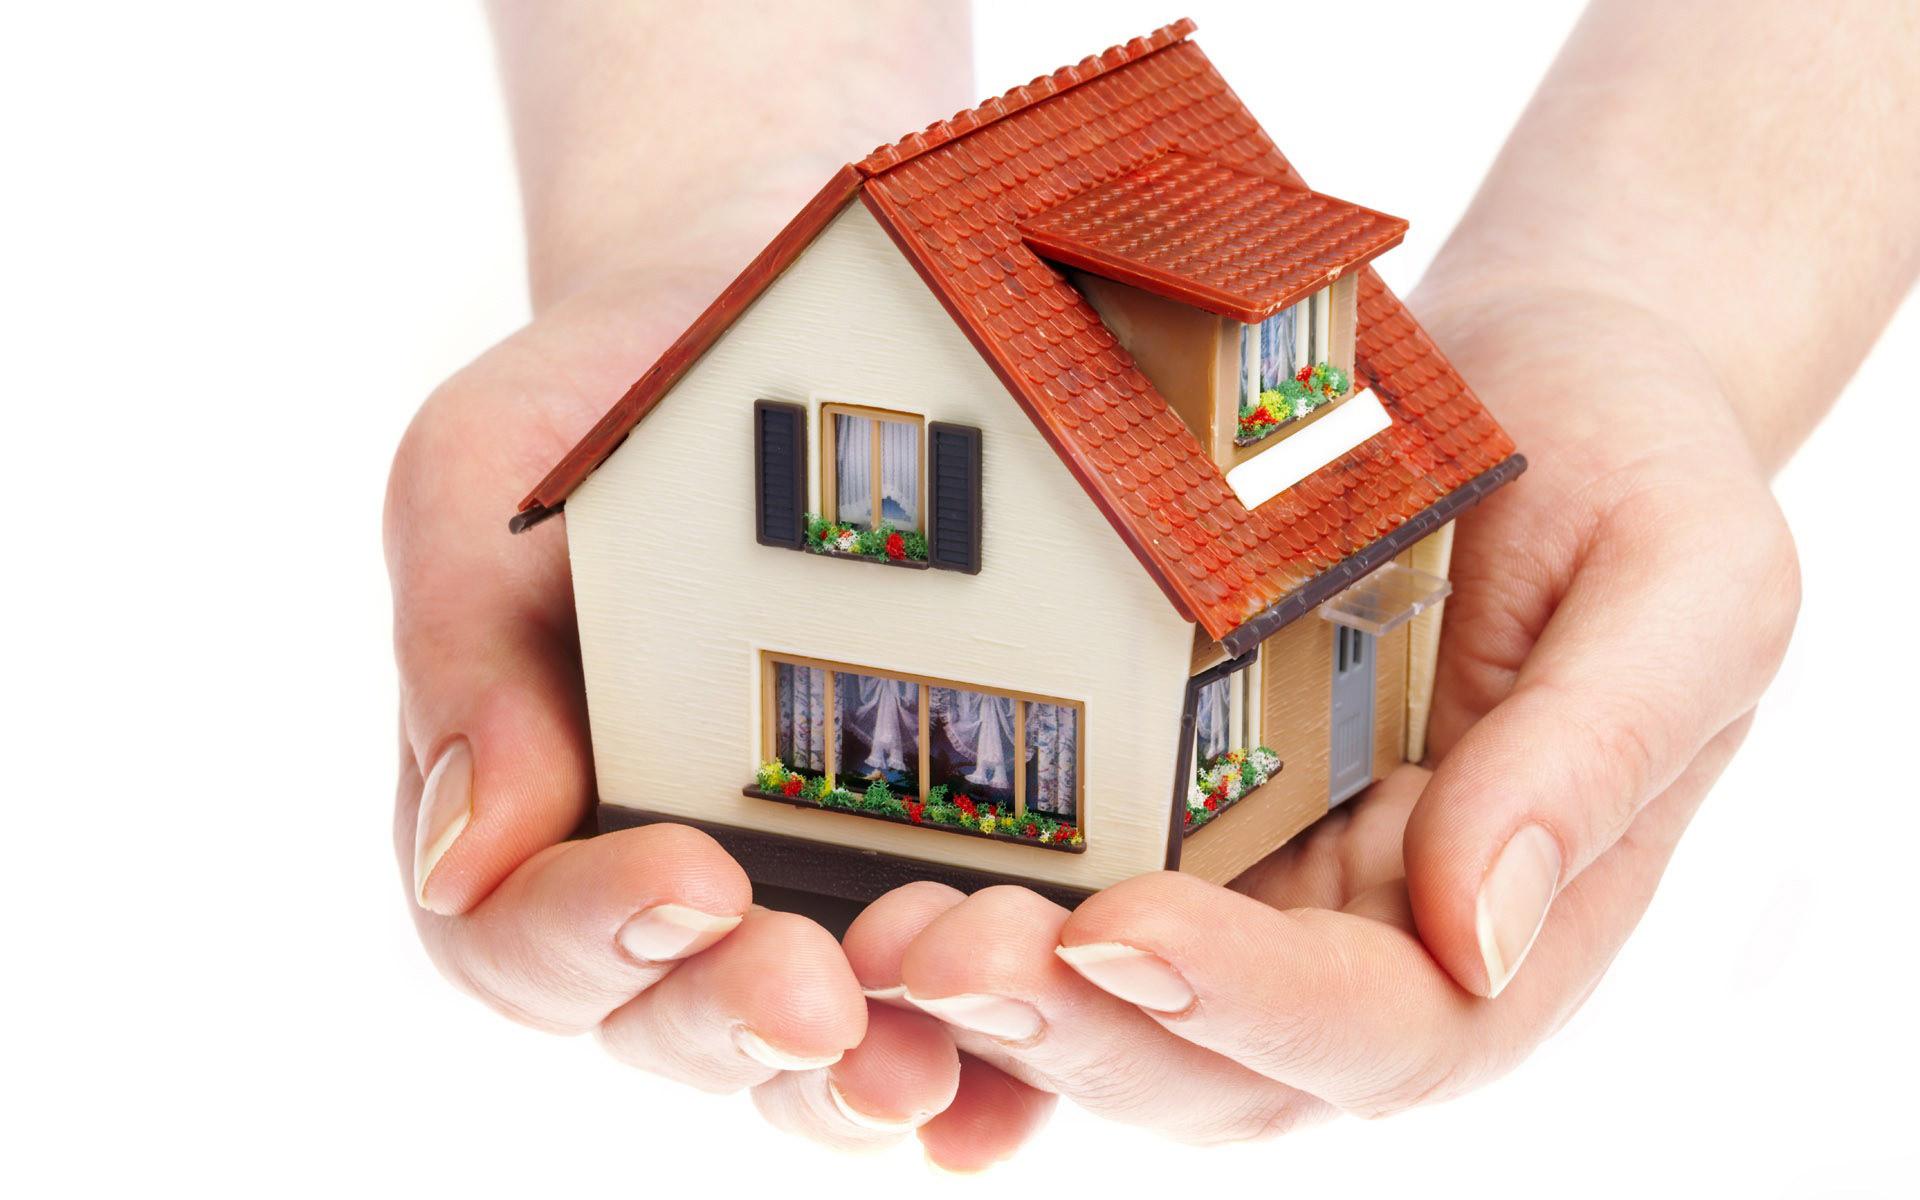 Mutuo prima casa: l'impensabile diventa accessibile